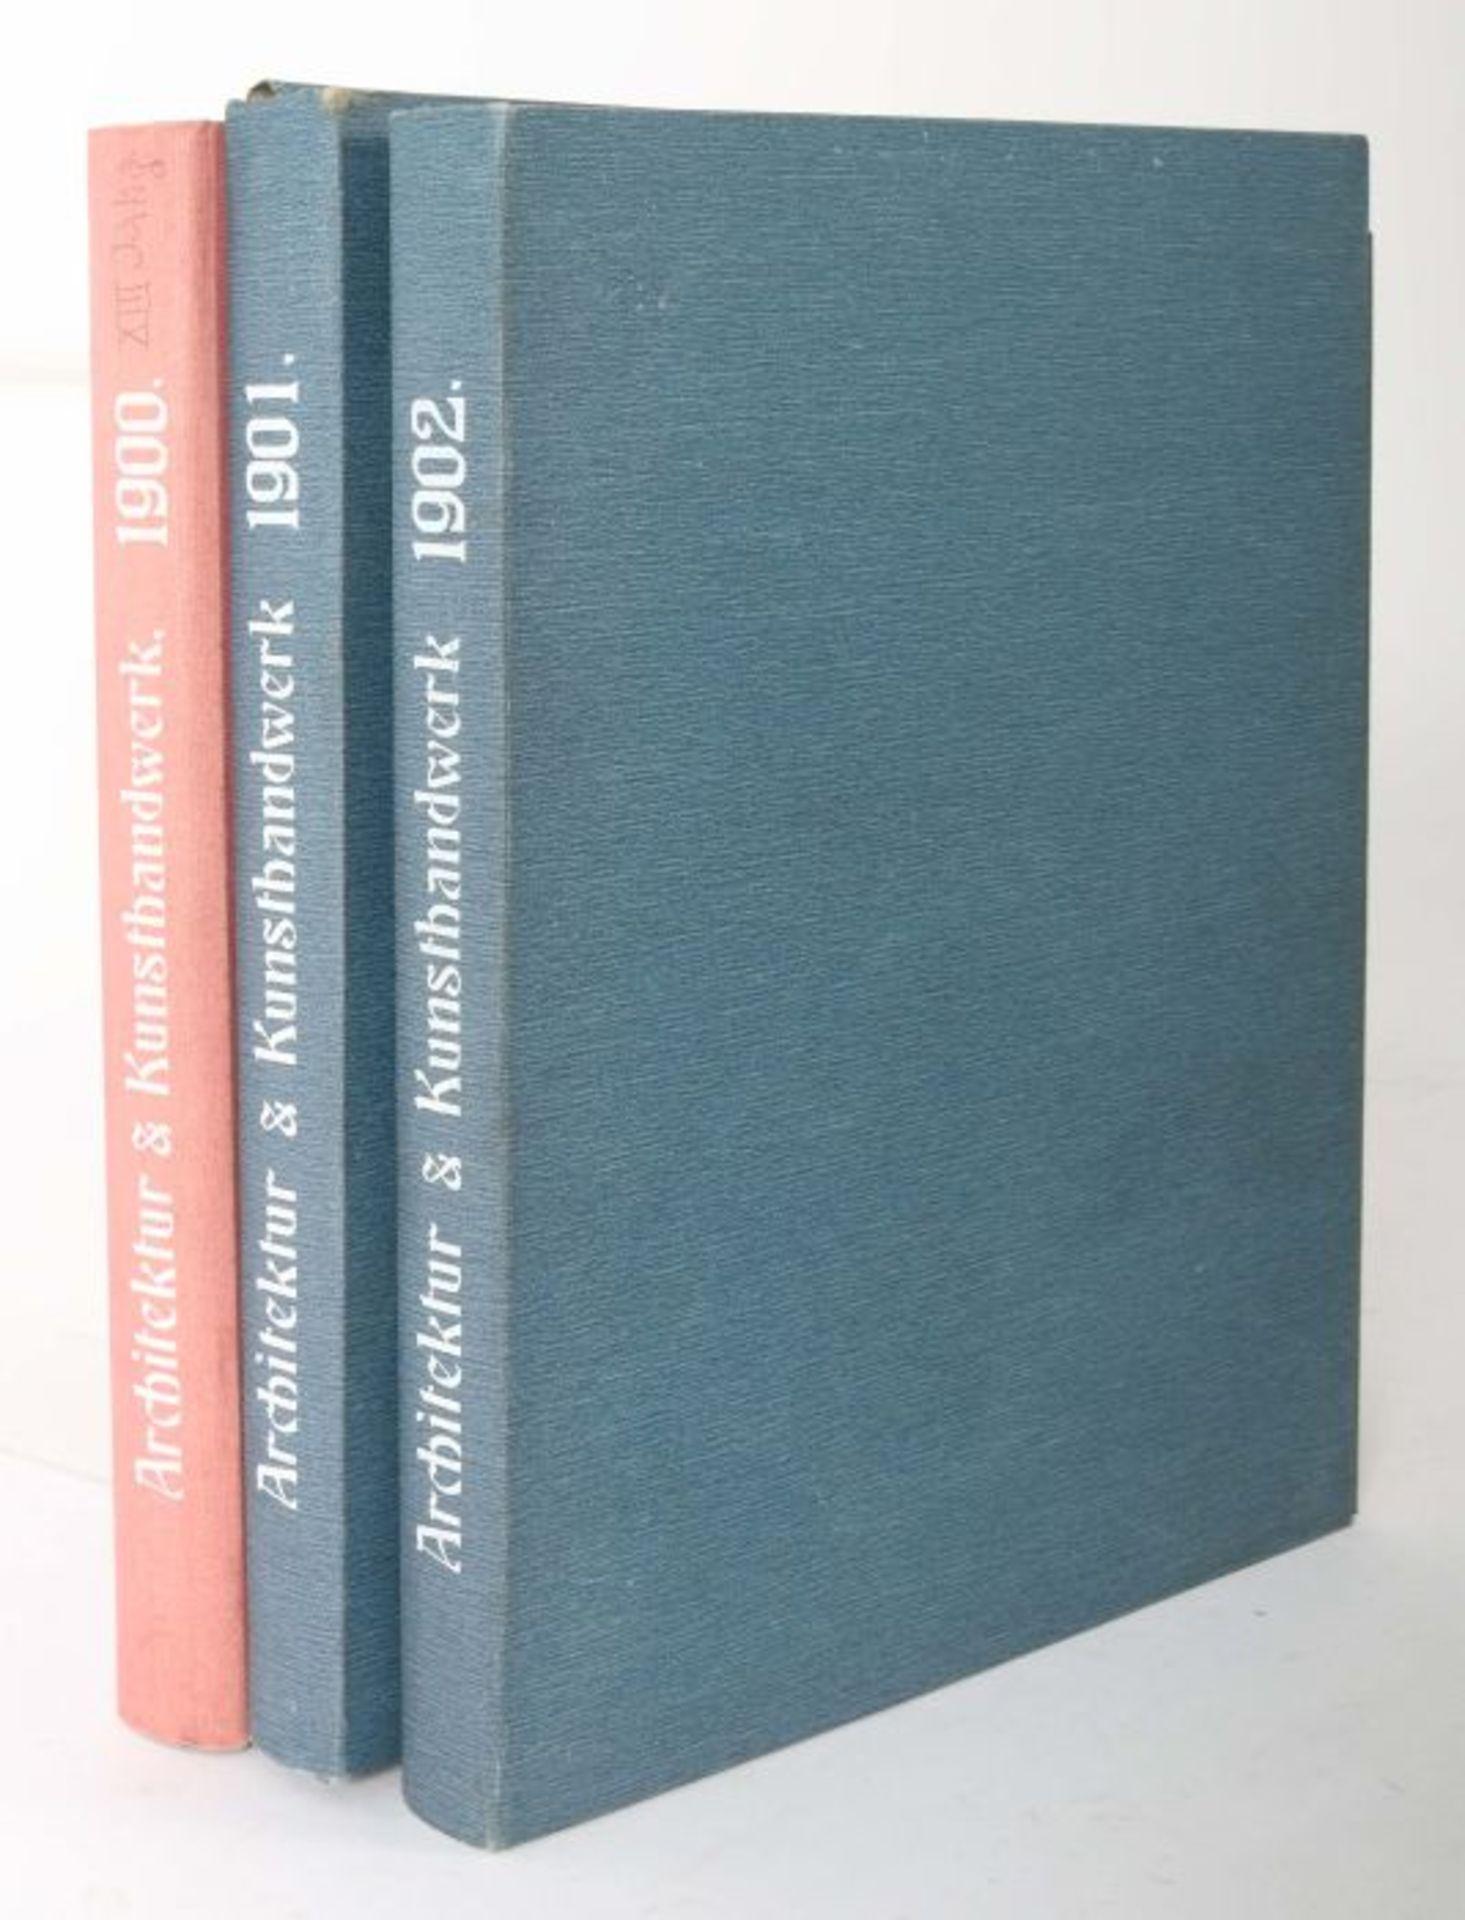 Blätter für Architektur und Kunsthandwerk Oldenbourg/Spielmeyer, Berlin, 1900-02, 3 Bde., je mit - Bild 6 aus 6